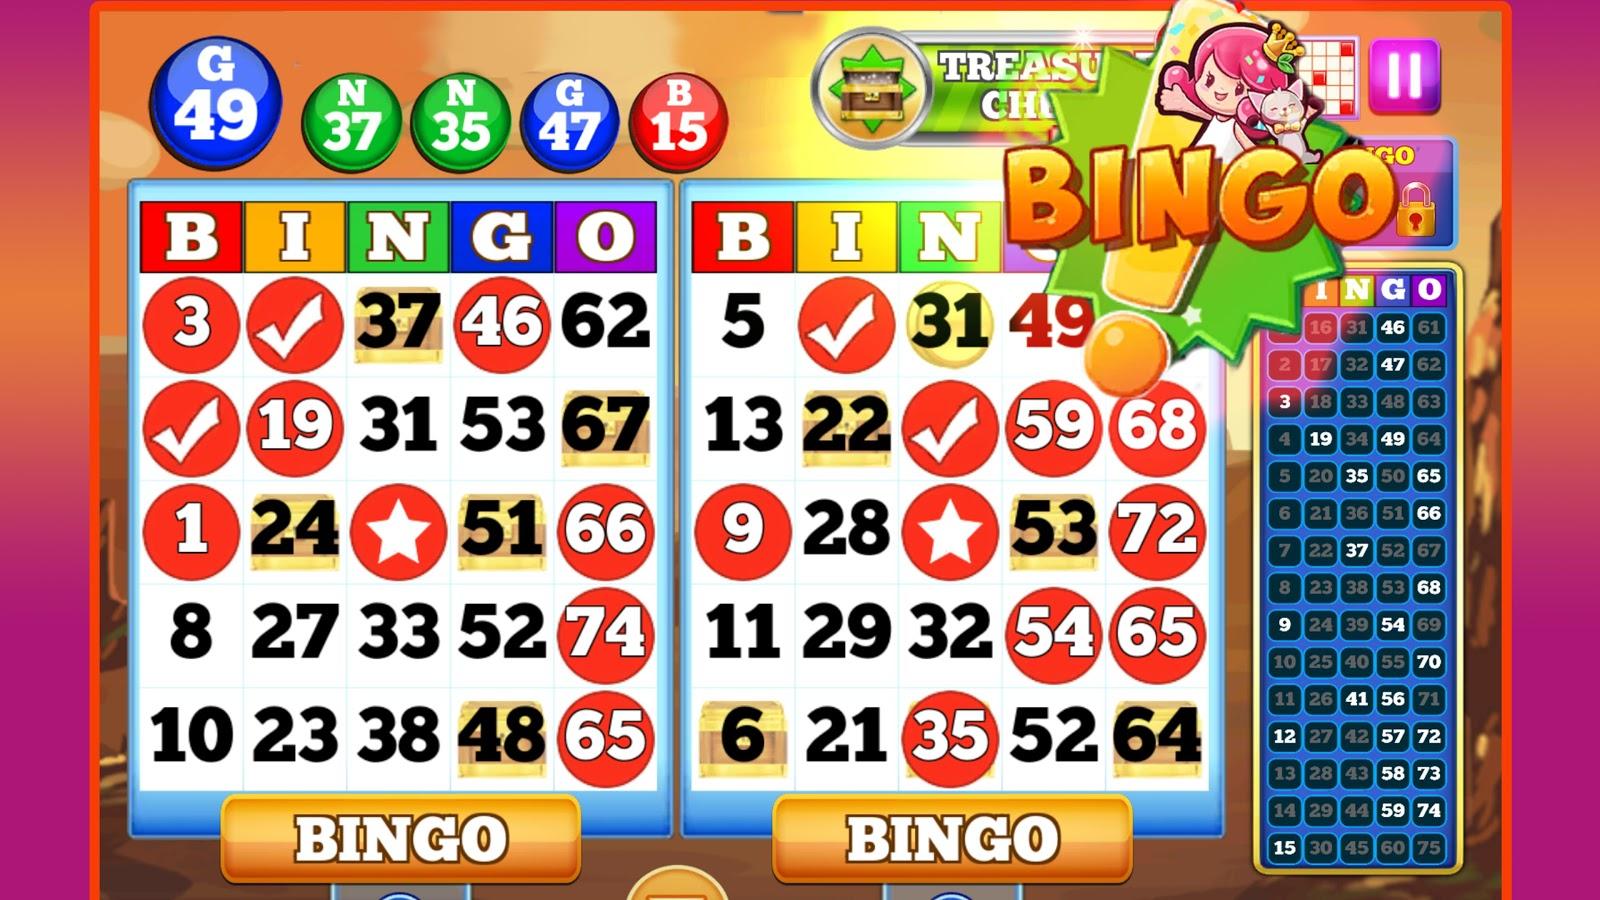 Bingo online gratis los mejores casino Paraguay-538955